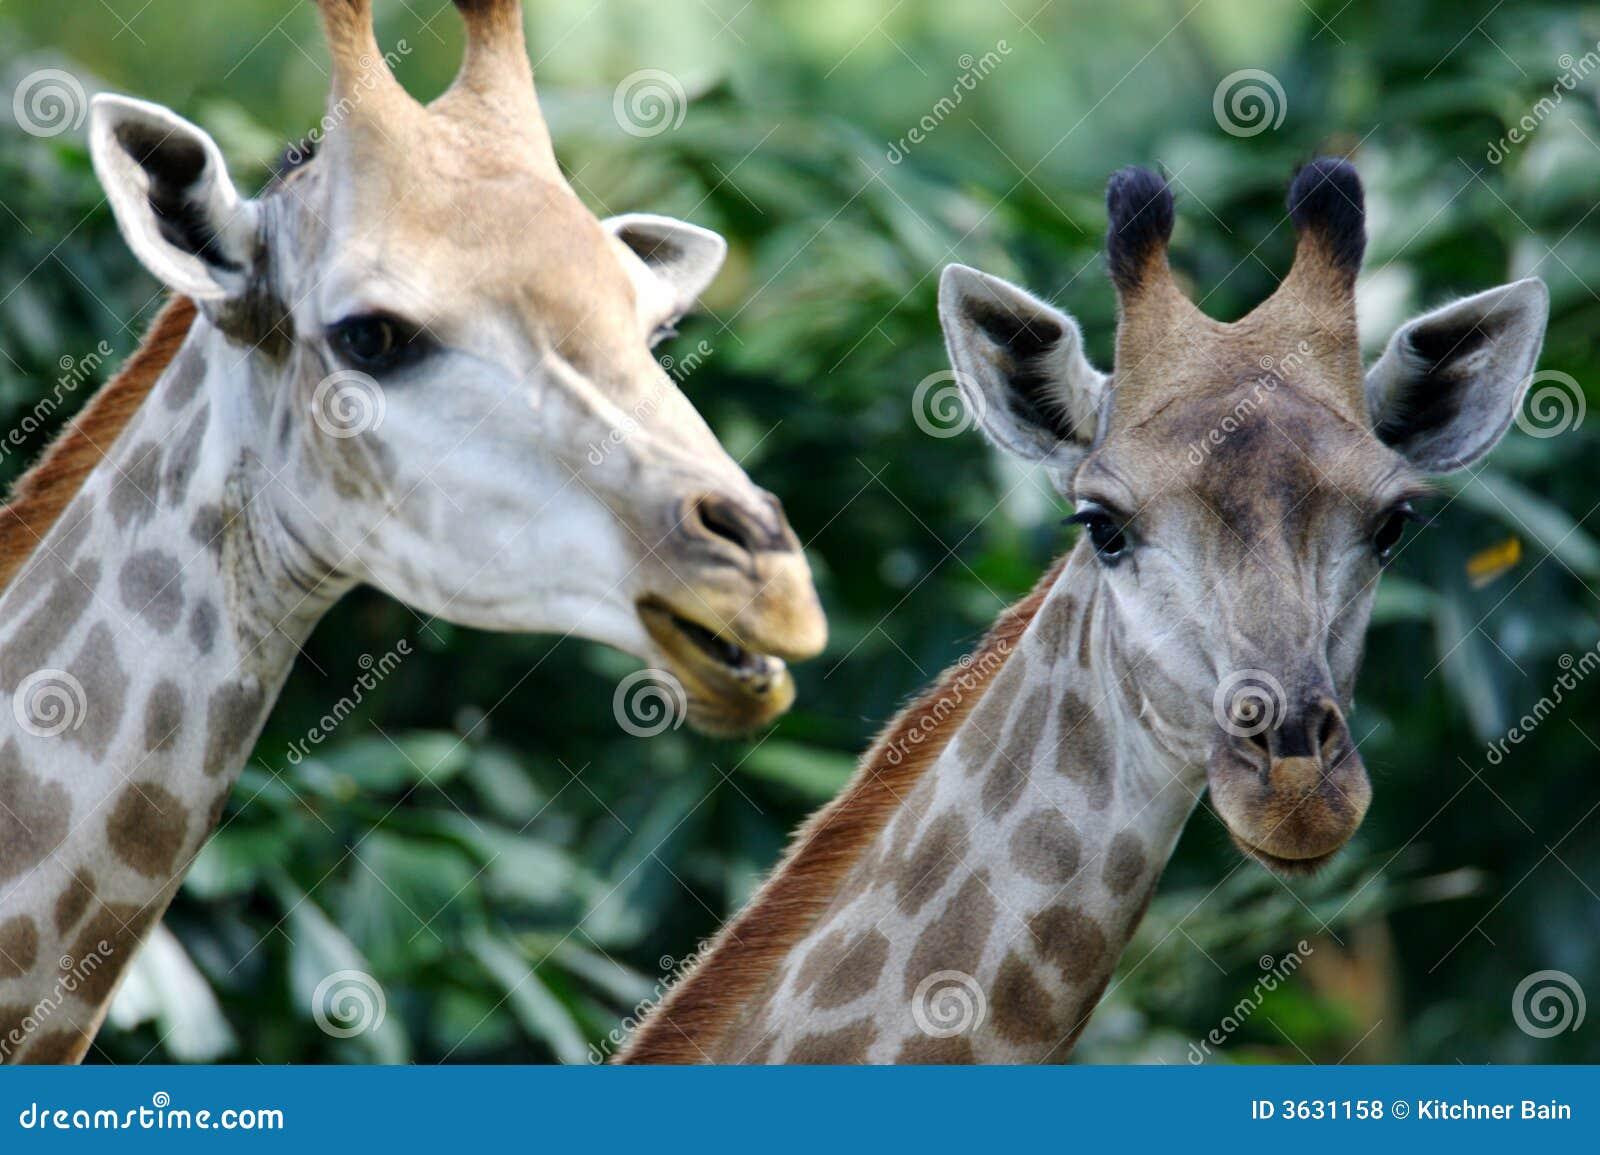 Afrikaanse Giraffen